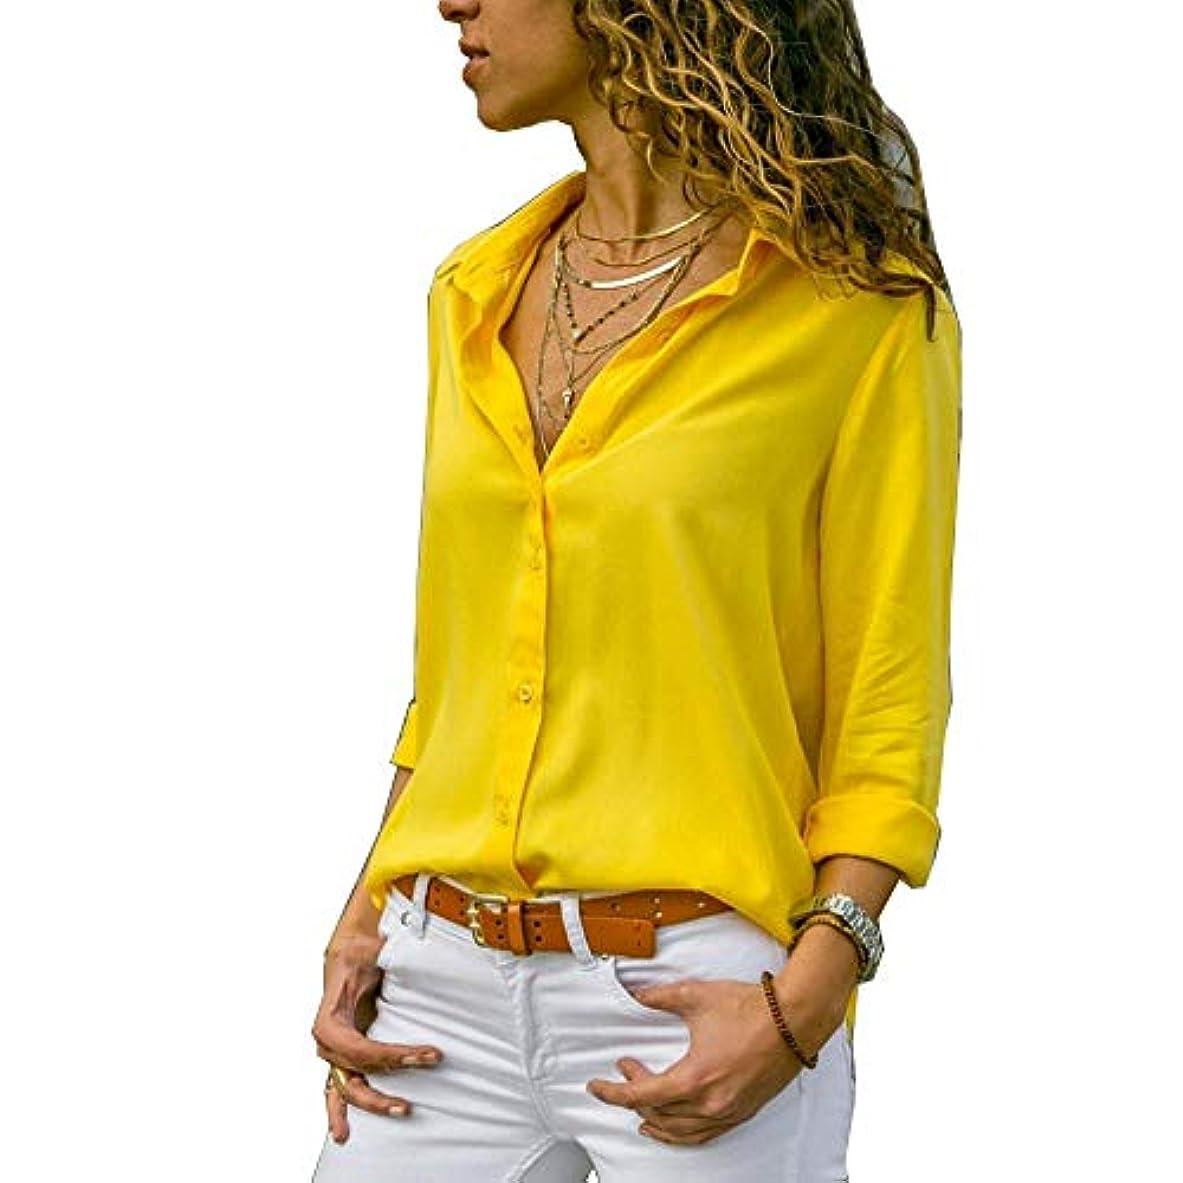 アナロジー男振幅MIFAN ルーズシャツ、トップス&Tシャツ、プラスサイズ、トップス&ブラウス、シフォンブラウス、女性トップス、シフォンシャツ